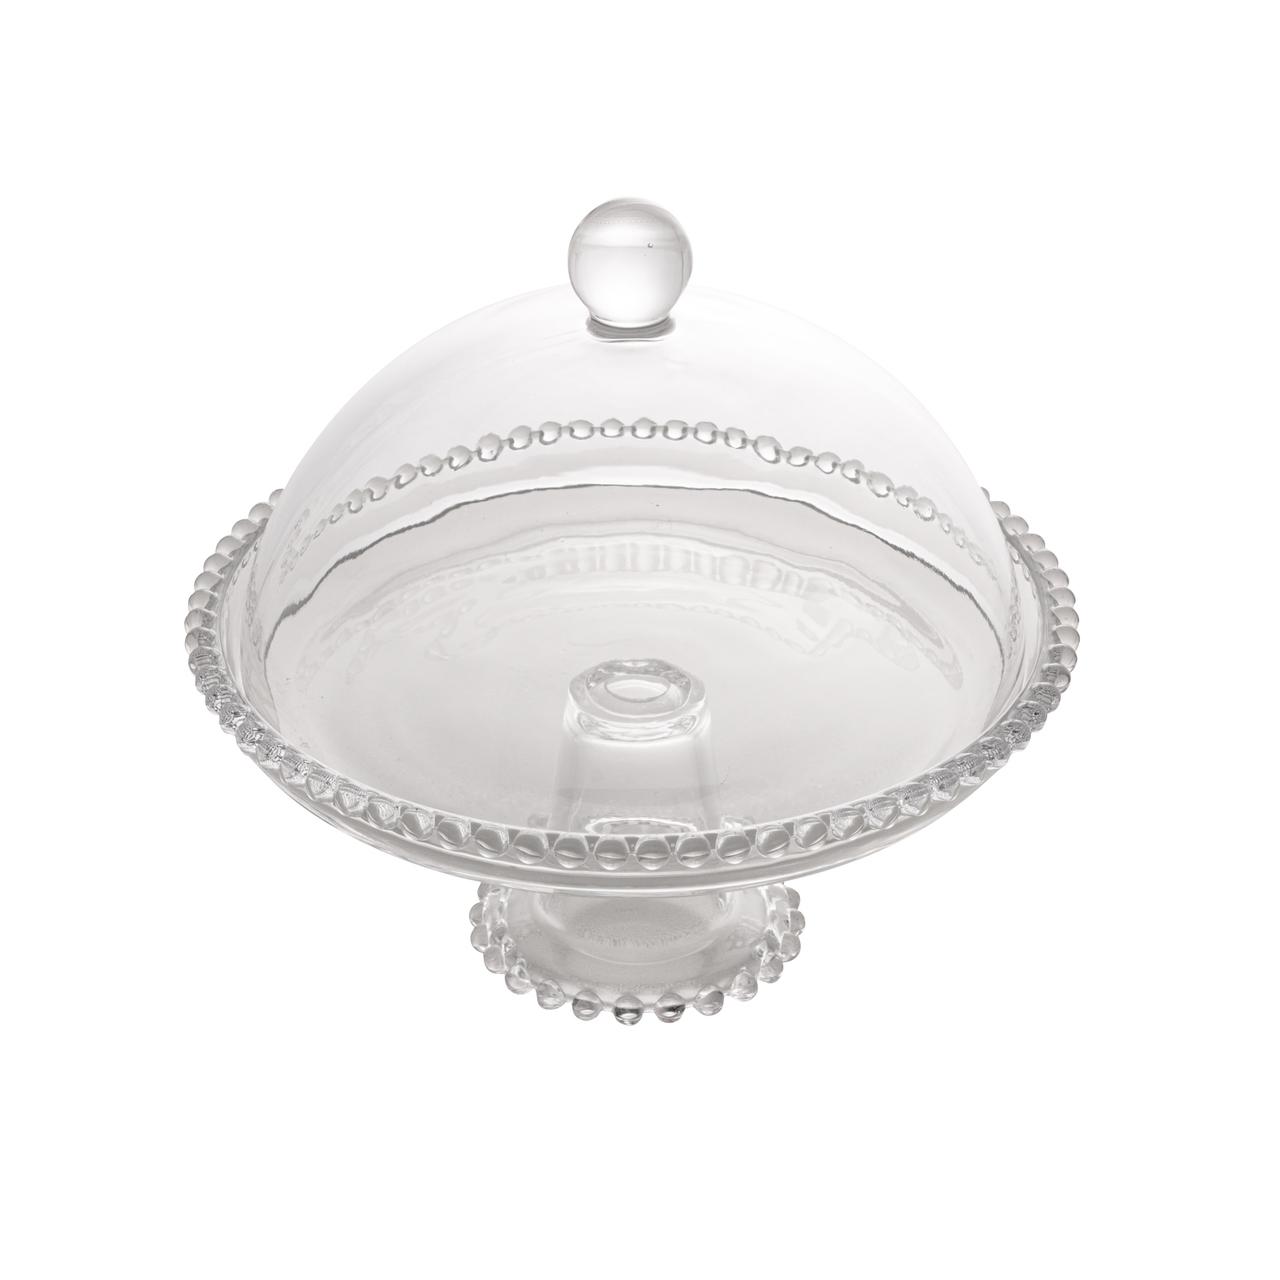 Prato 20 cm para bolo de cristal transparente com pé e tampa  Pearl Wolff - 28272